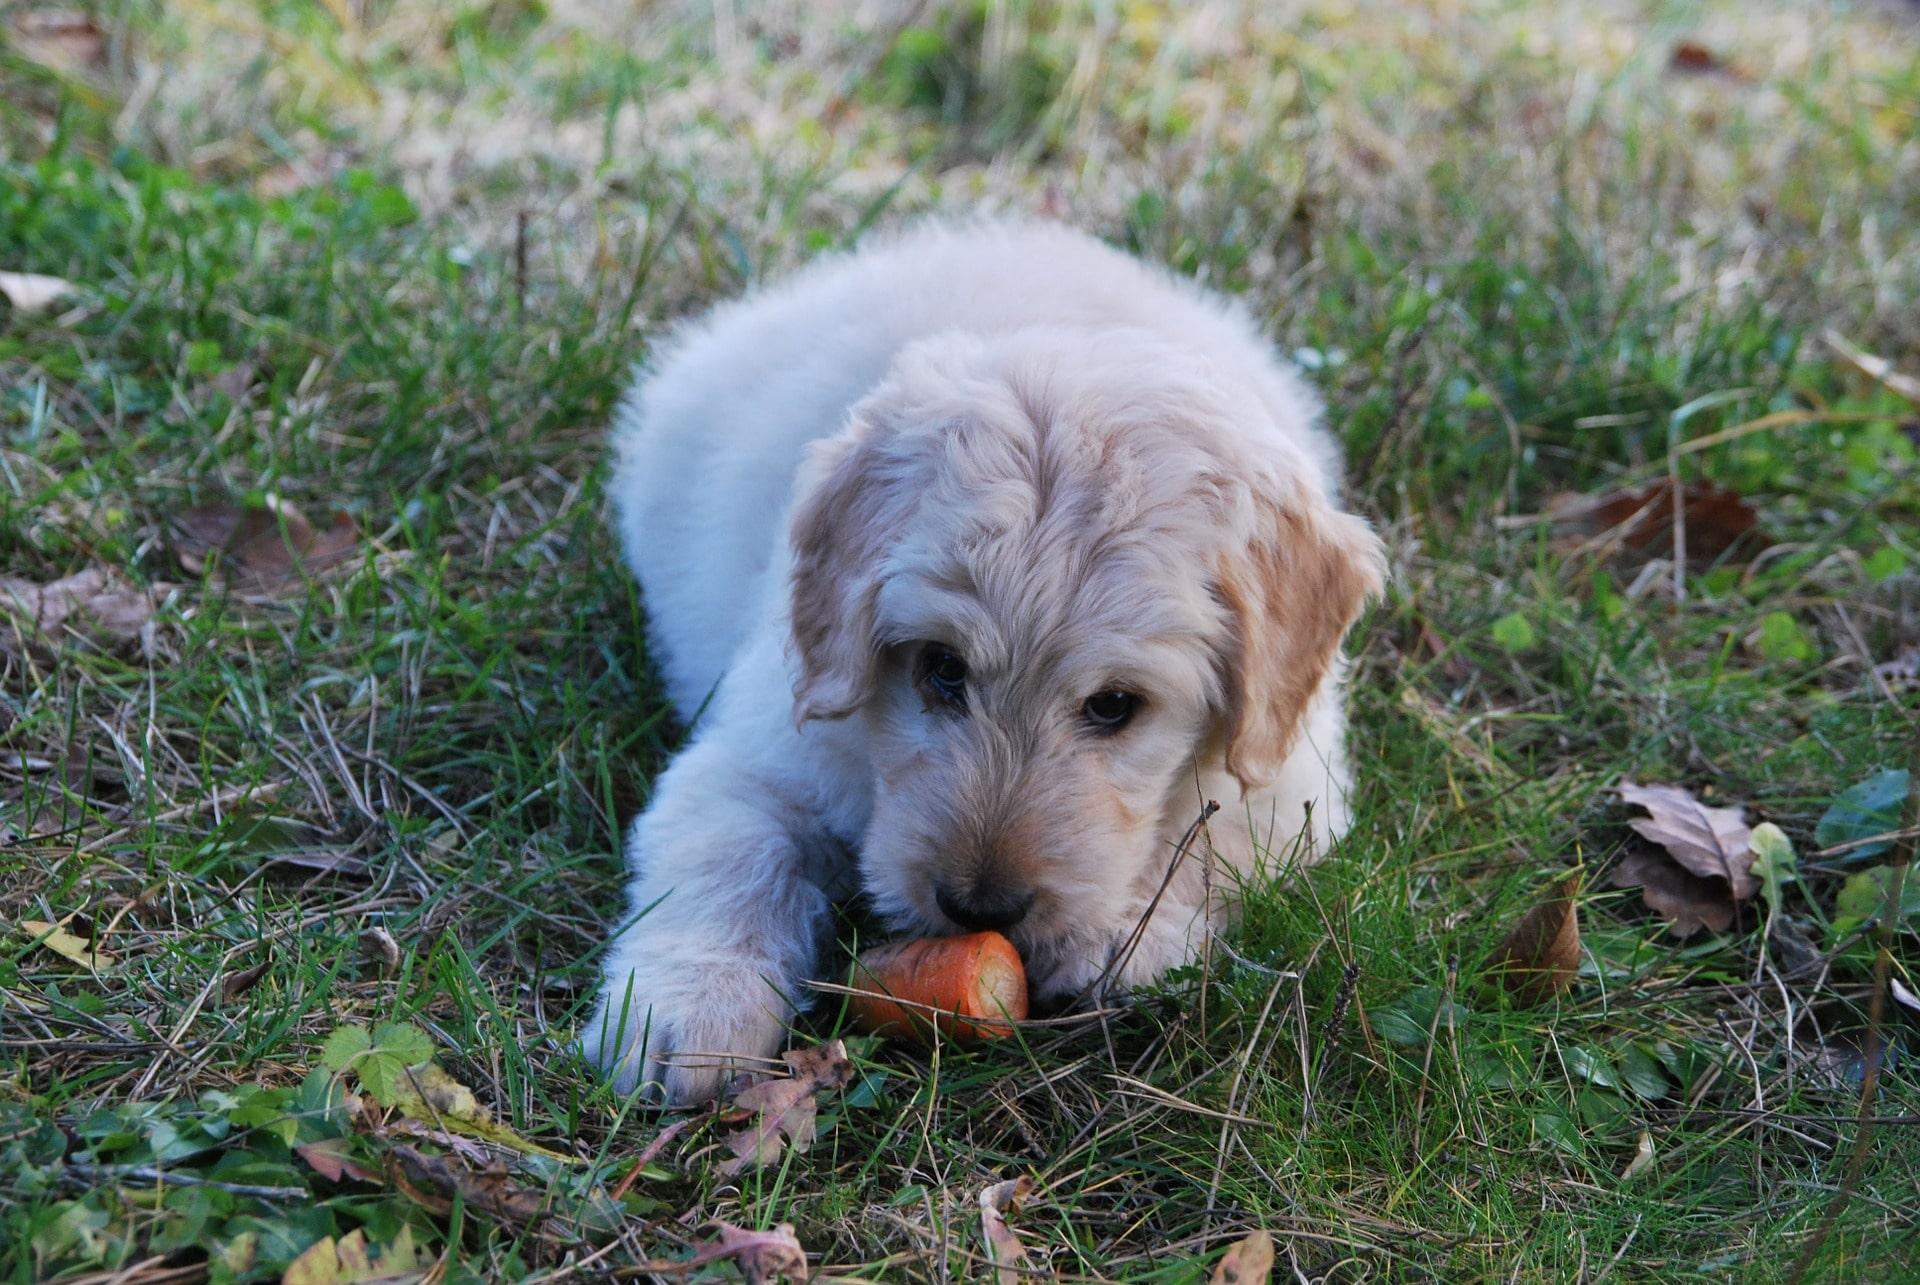 Hund hat Durchfall - was tun? Hausmittel, Gründe und mehr